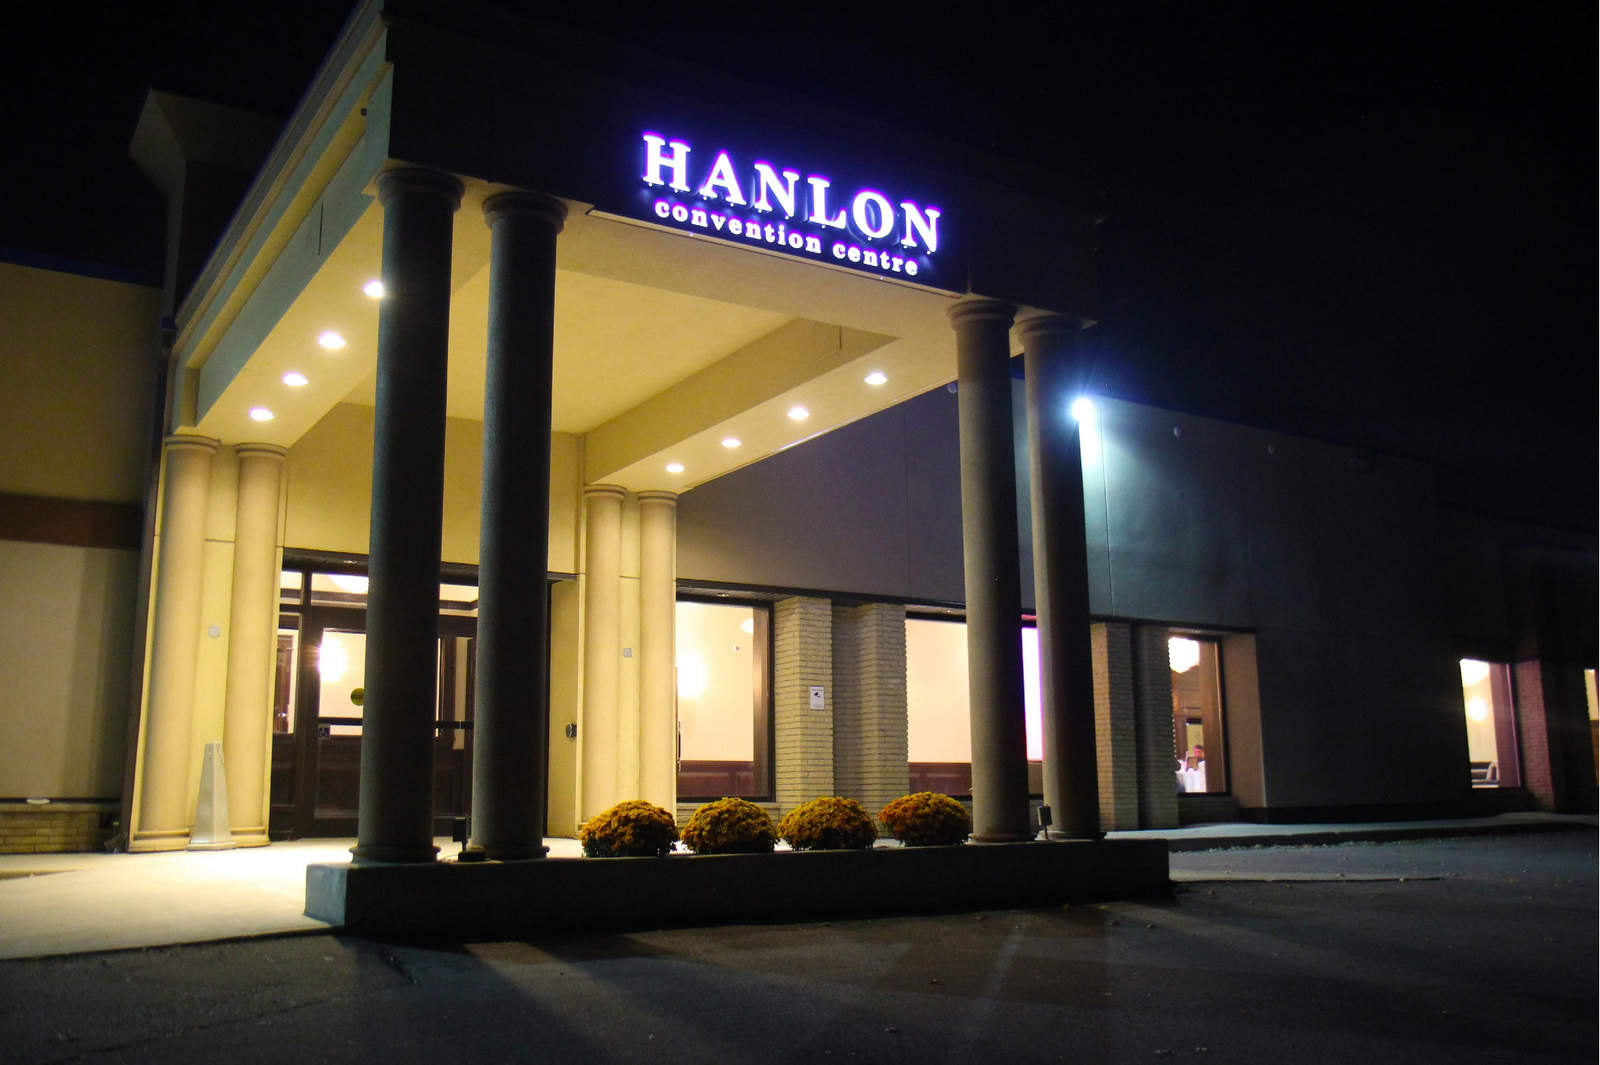 Hanlon Convention Centre   Guelph